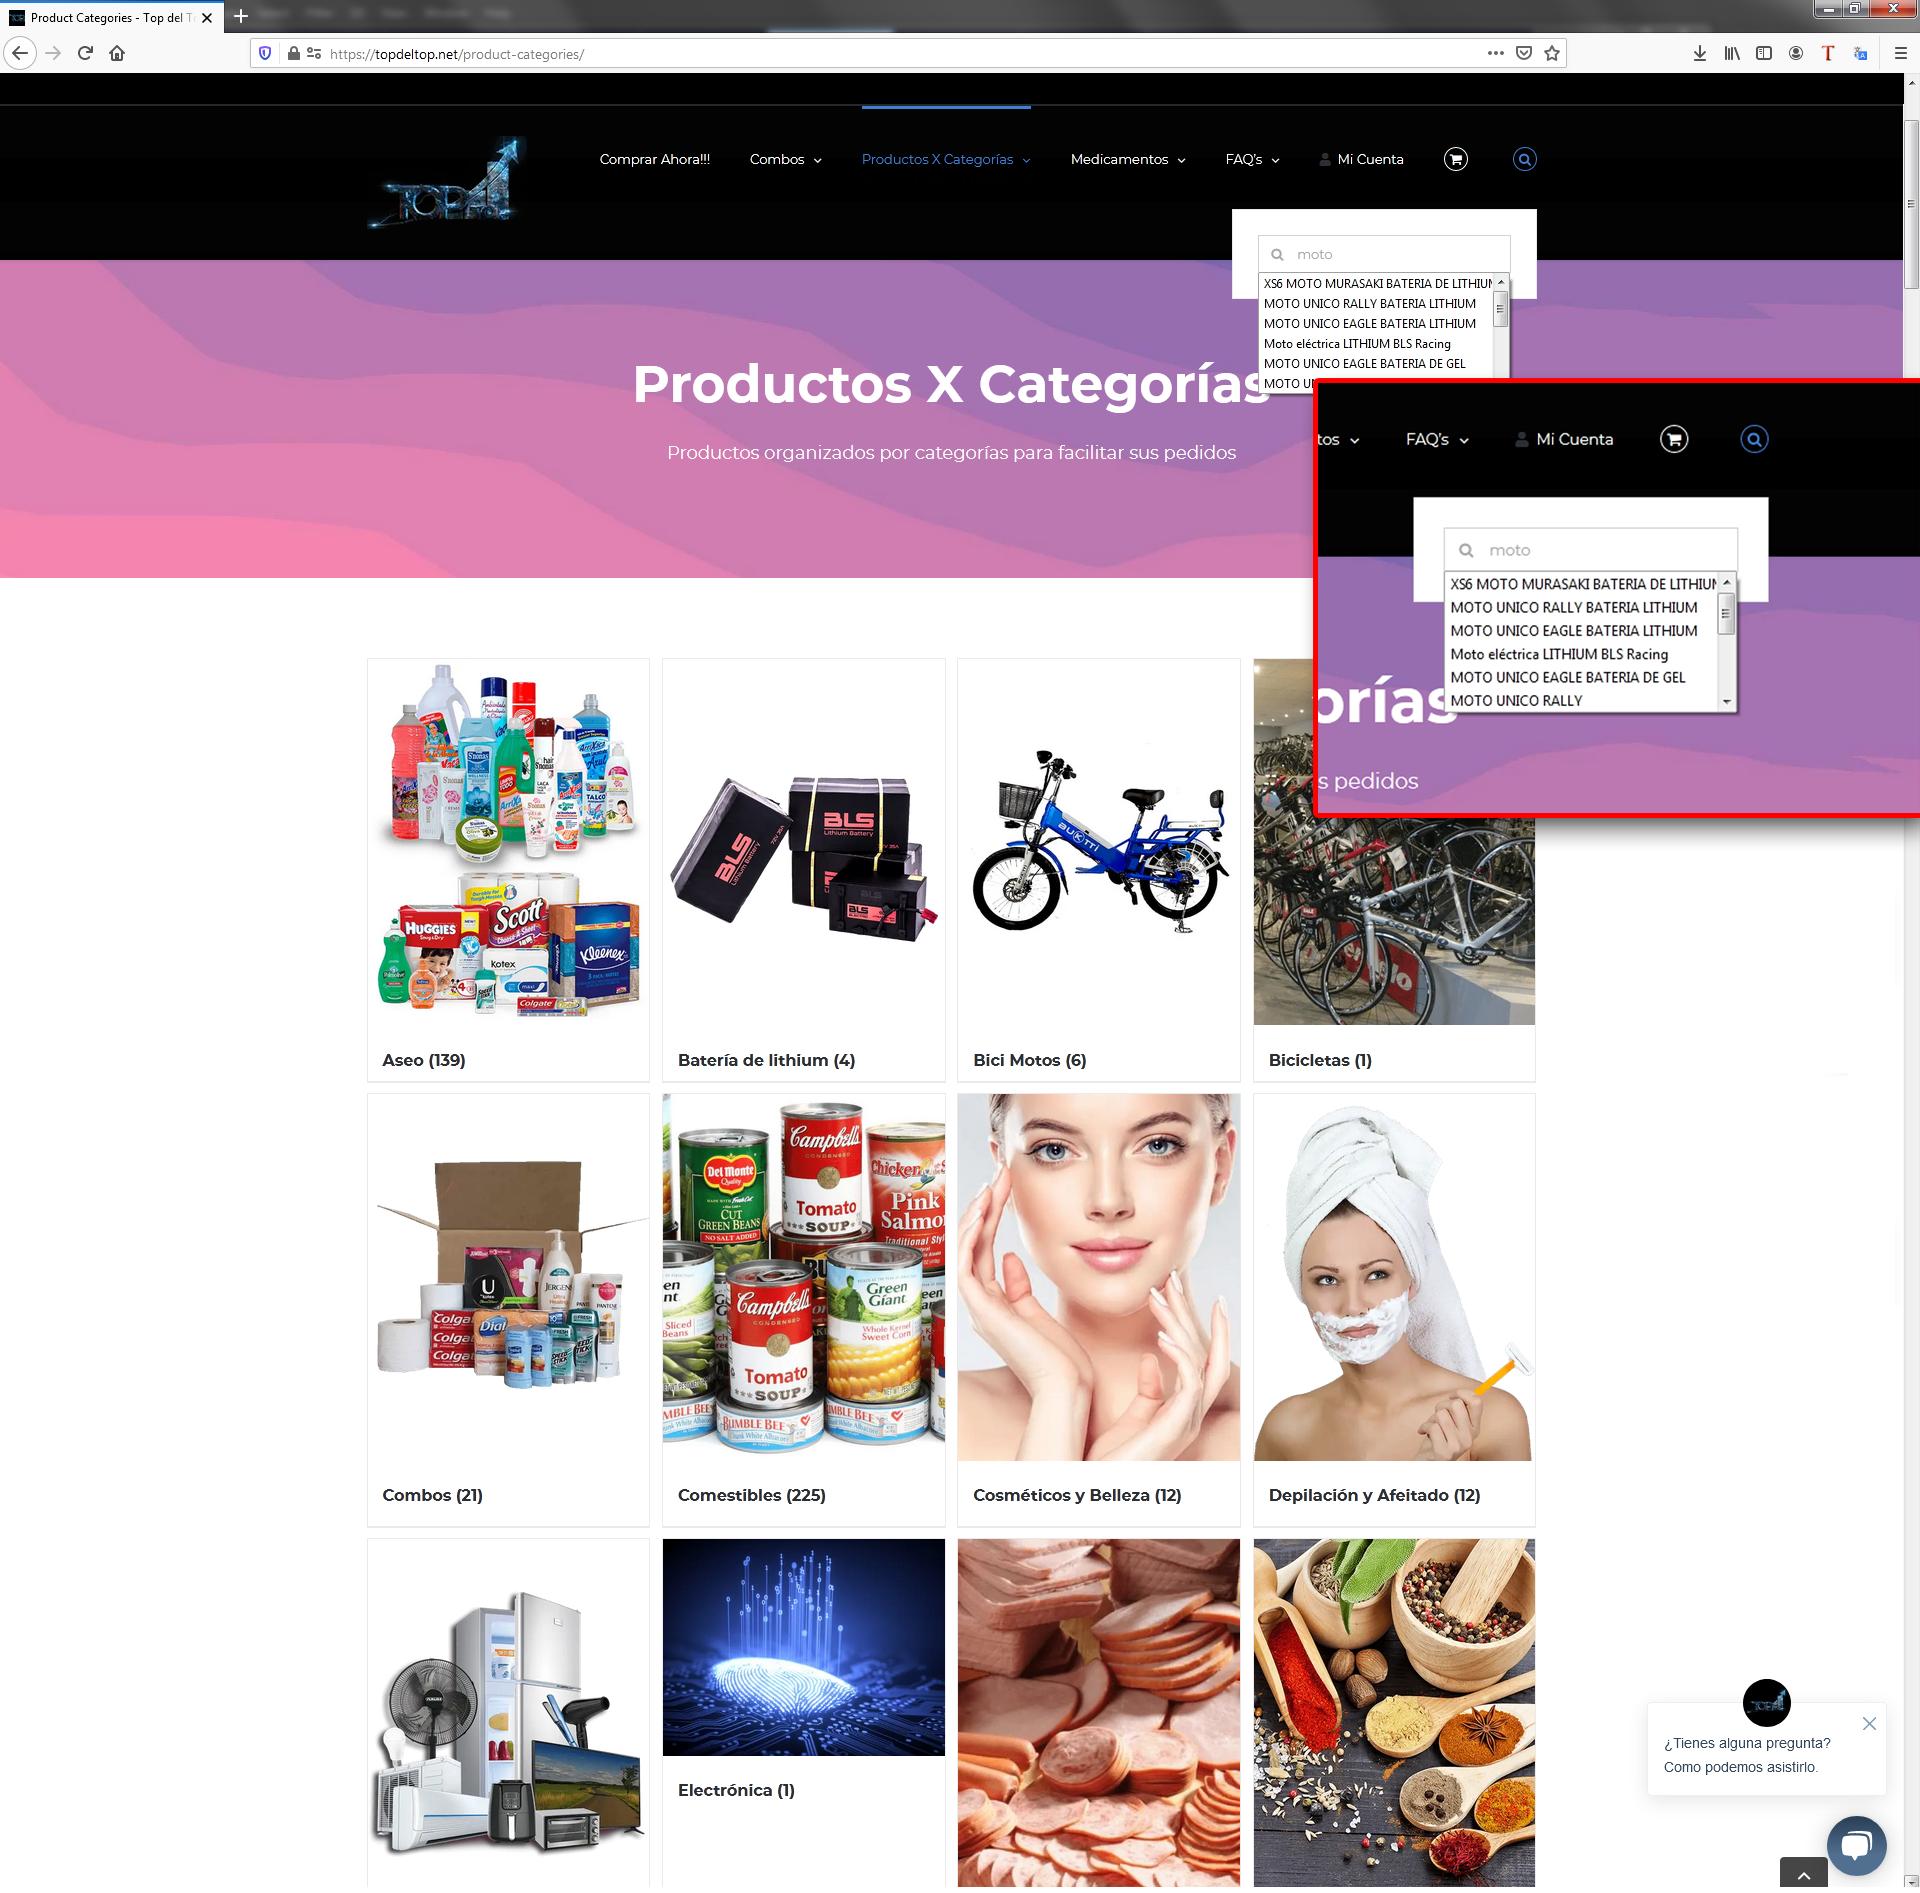 Como buscar productos